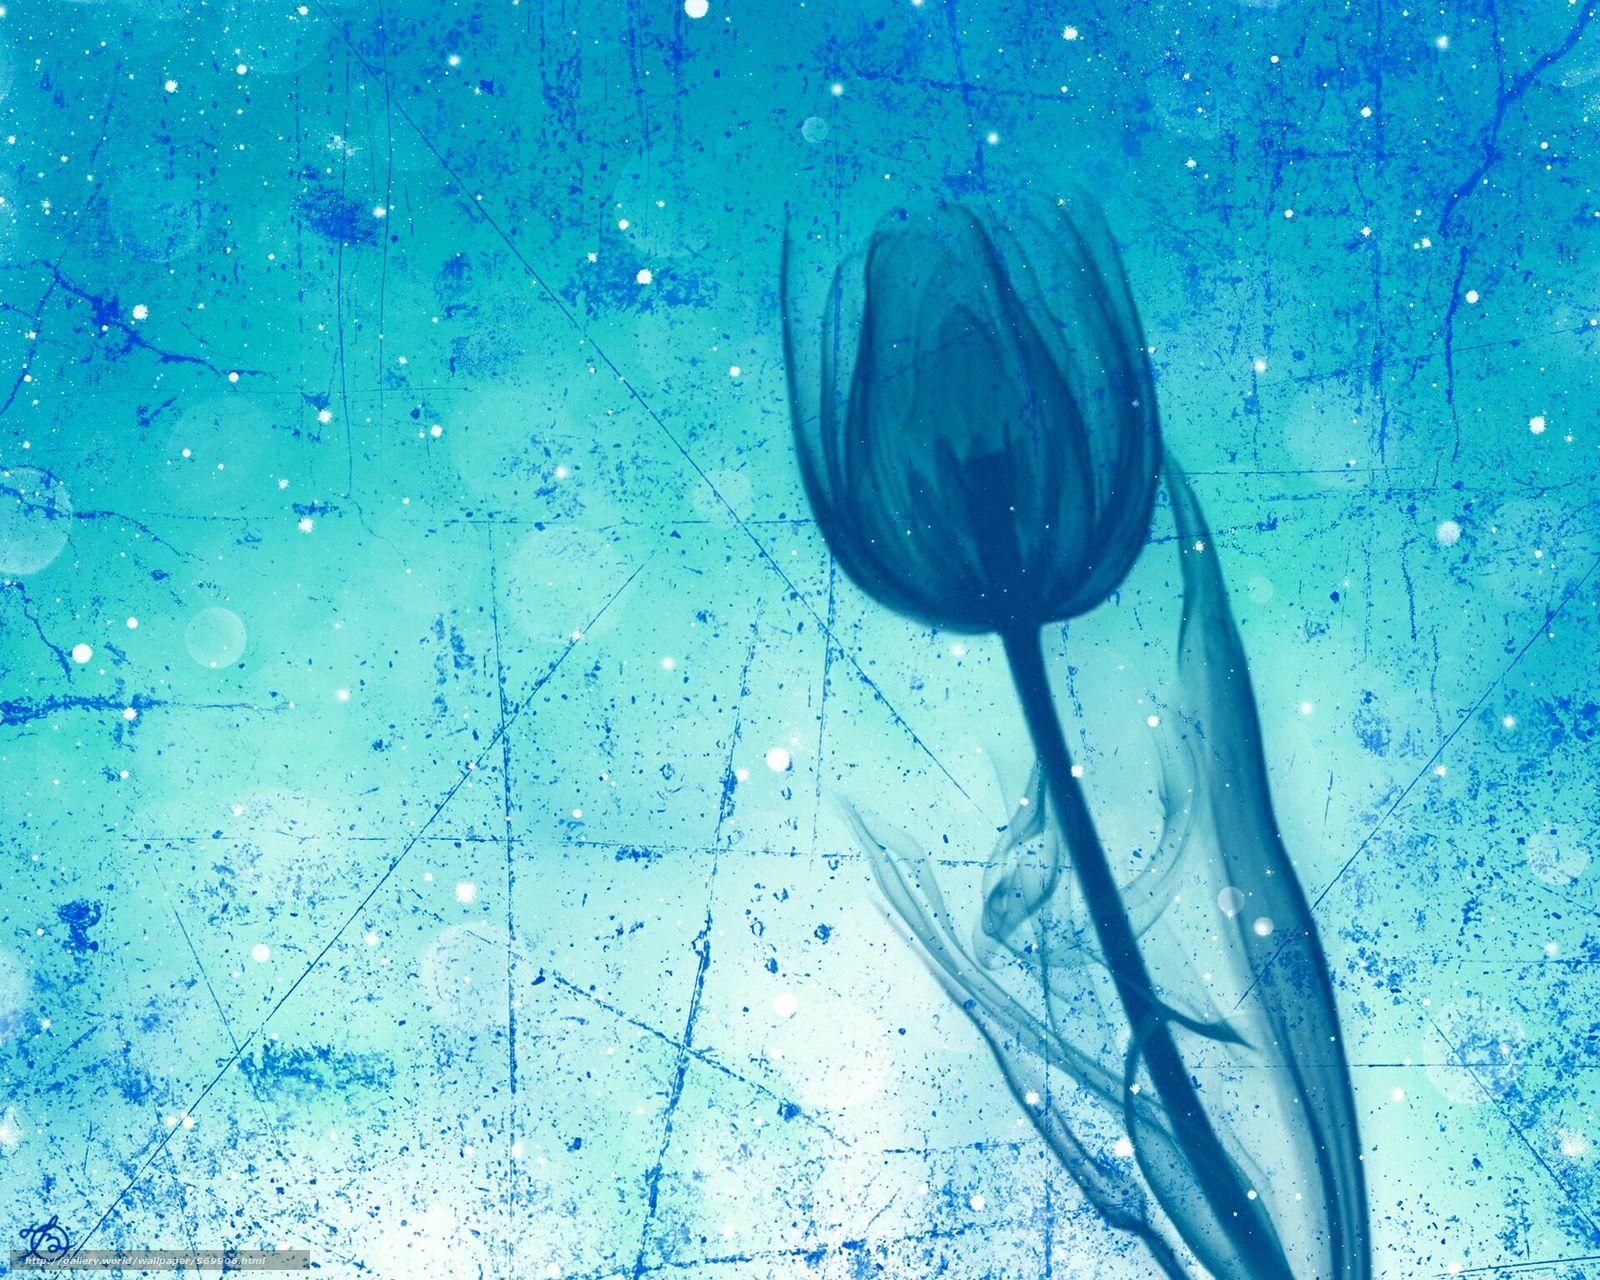 下载壁纸 郁金香,  花,  秆,  触摸 免费为您的桌面分辨率的壁纸 1920x1536 — 图片 №569906